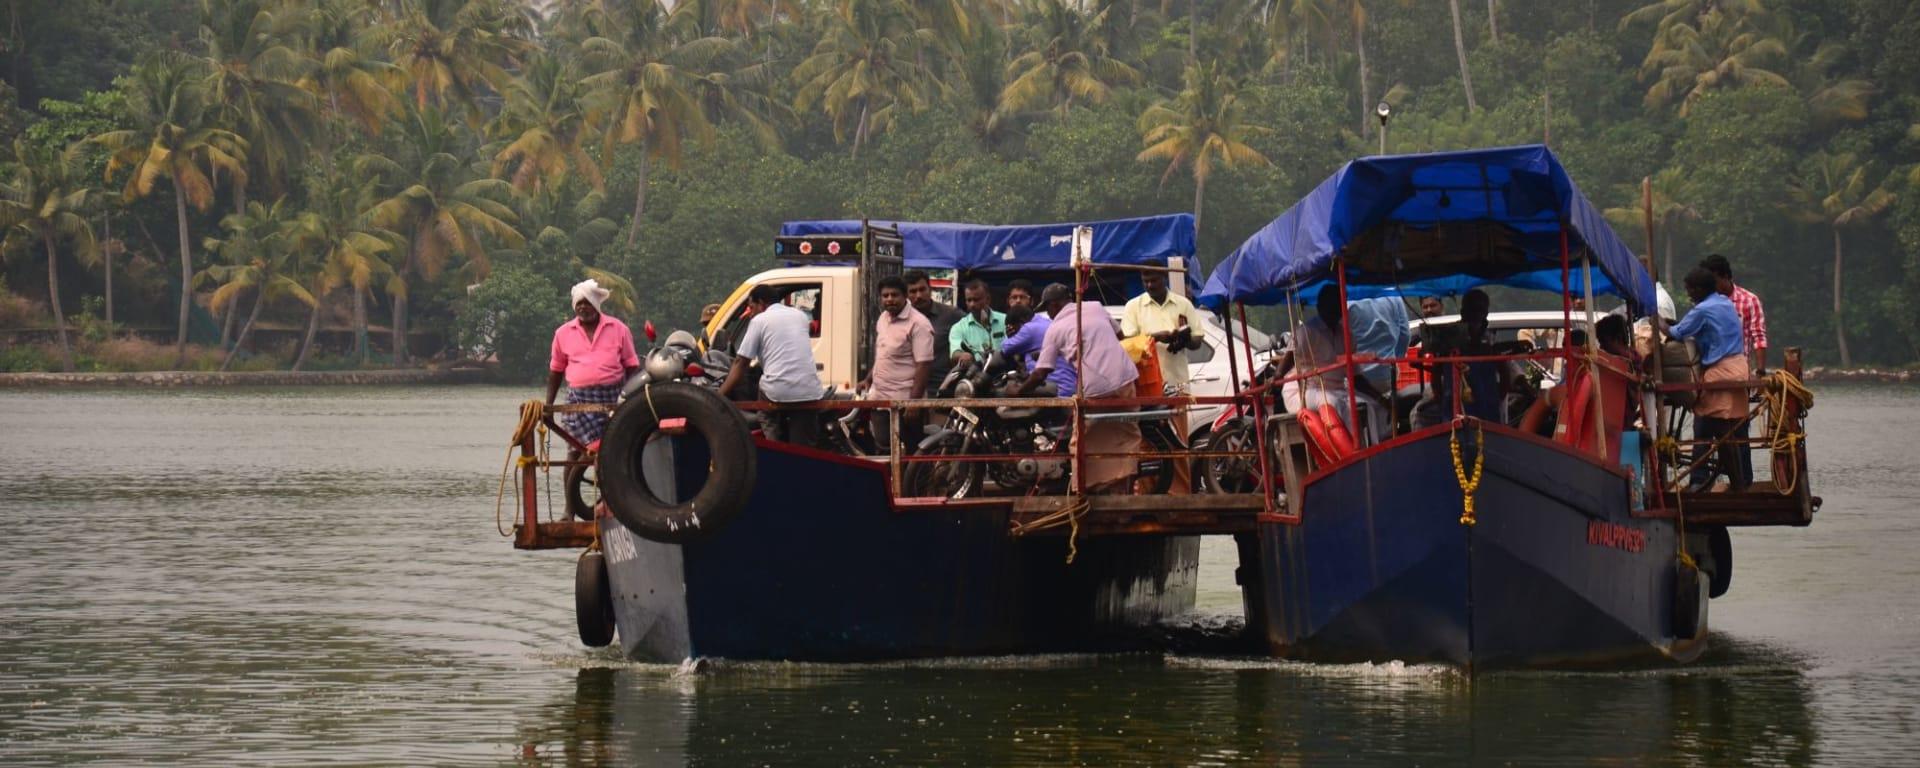 Tour à vélo à travers le Kerala de Kovalam: Ferry